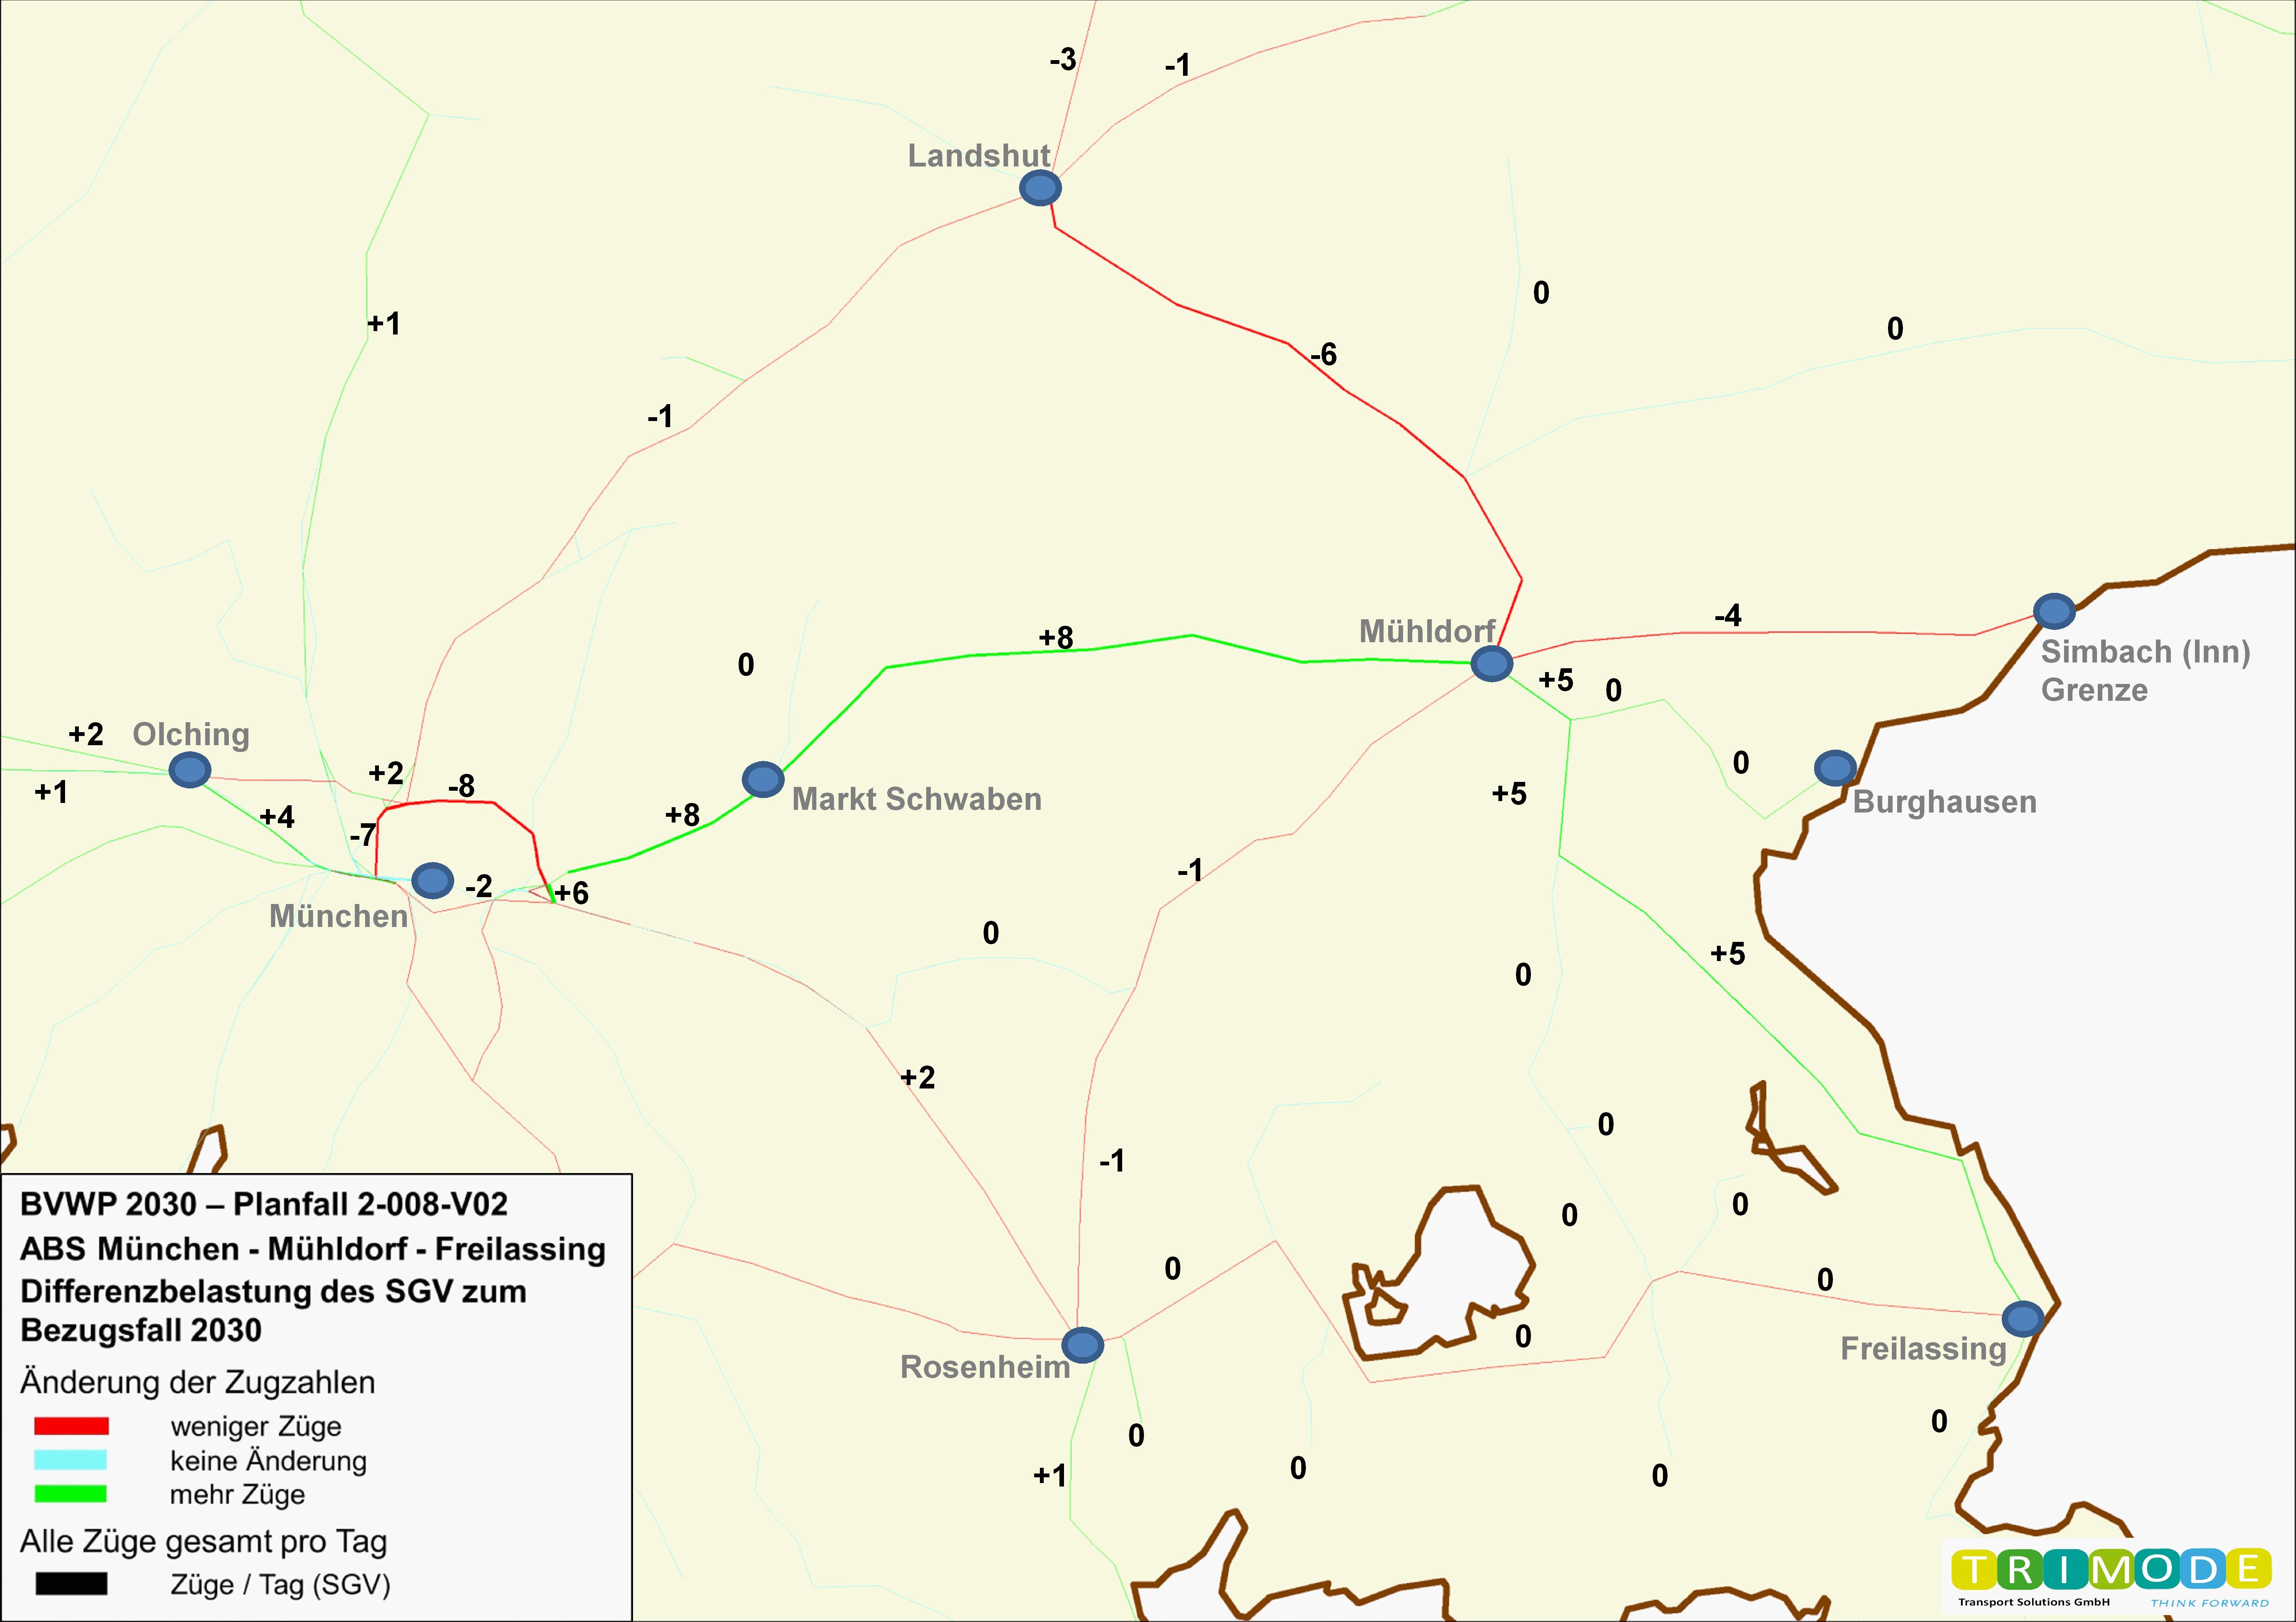 Bundesverkehrswegeplan 2030 – Projekt 2-008-V02